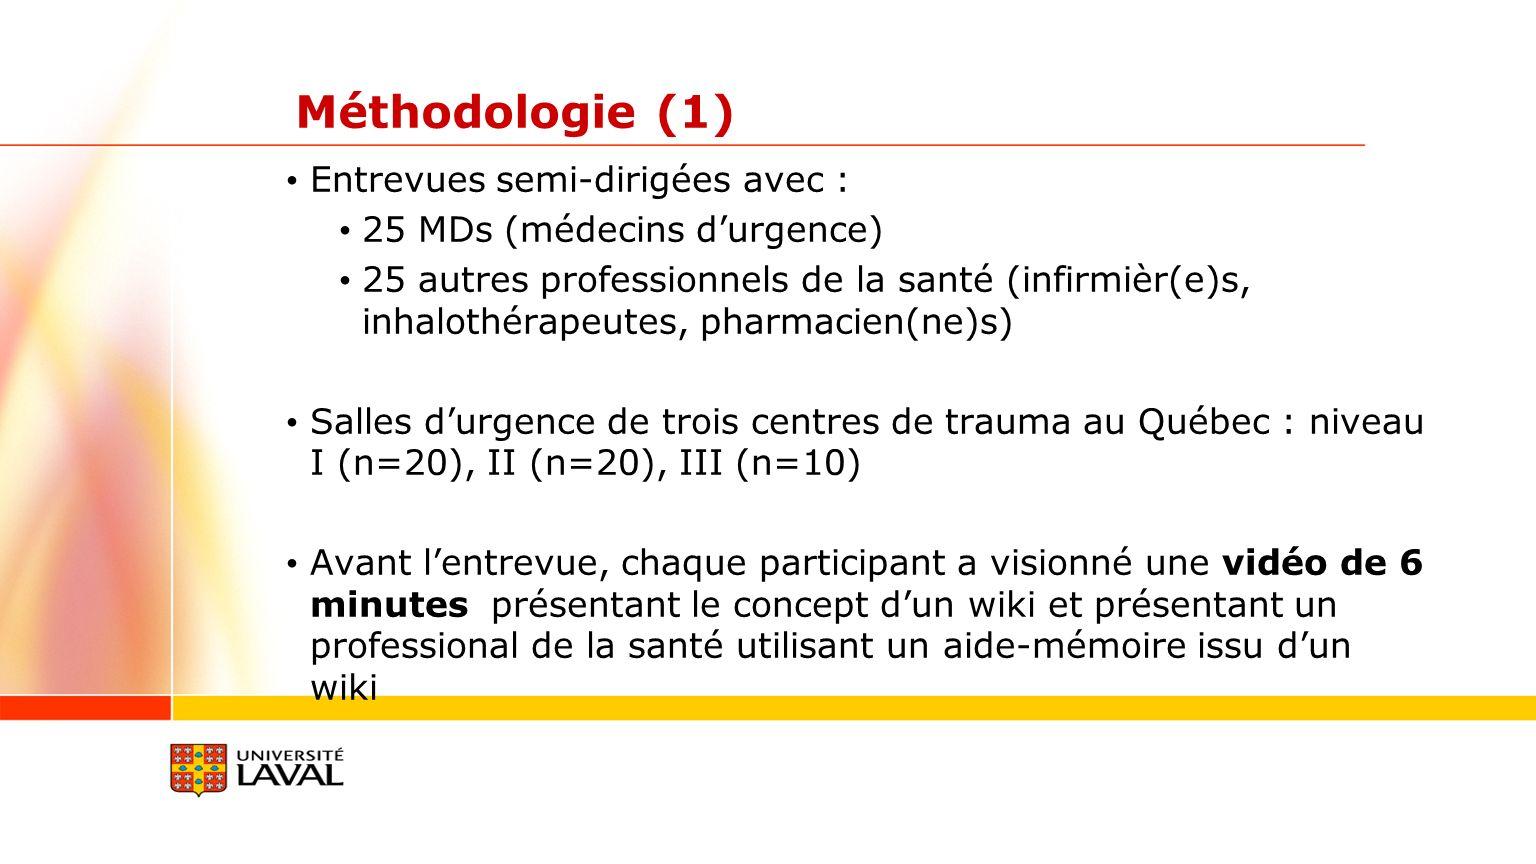 Méthodologie (1) Entrevues semi-dirigées avec : 25 MDs (médecins durgence) 25 autres professionnels de la santé (infirmièr(e)s, inhalothérapeutes, pha